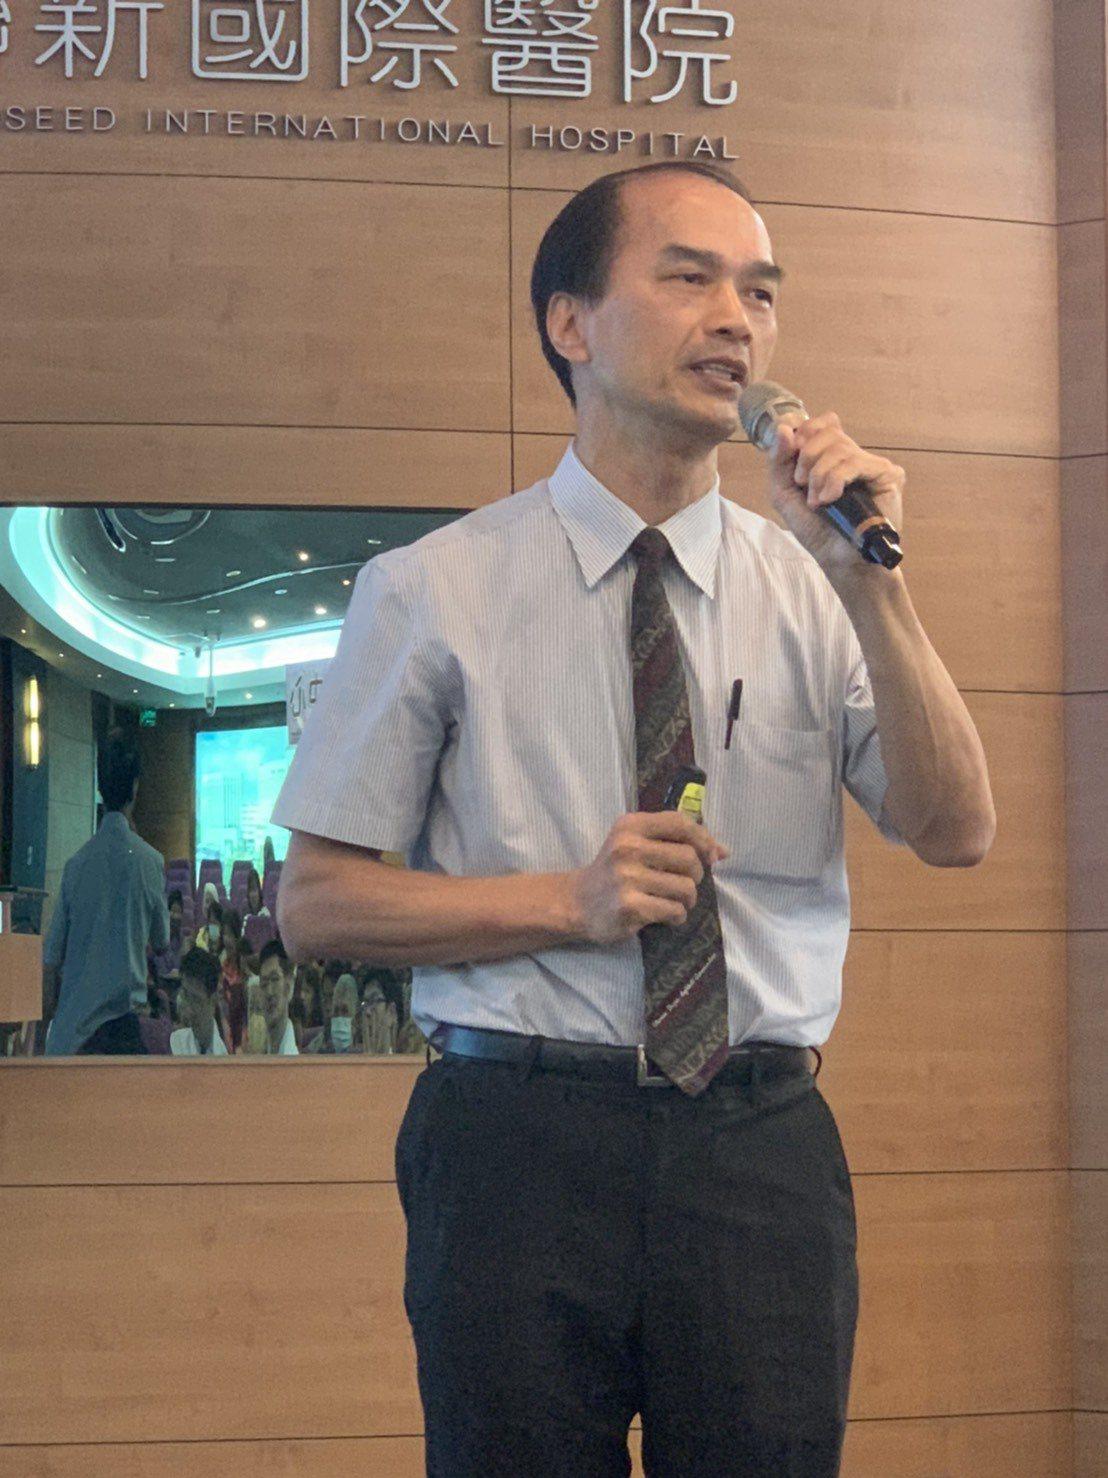 聯新國際醫院糖尿病整合照護中心主任李麒麟以貼近生活口吻強調,失智症的症狀不只是記...